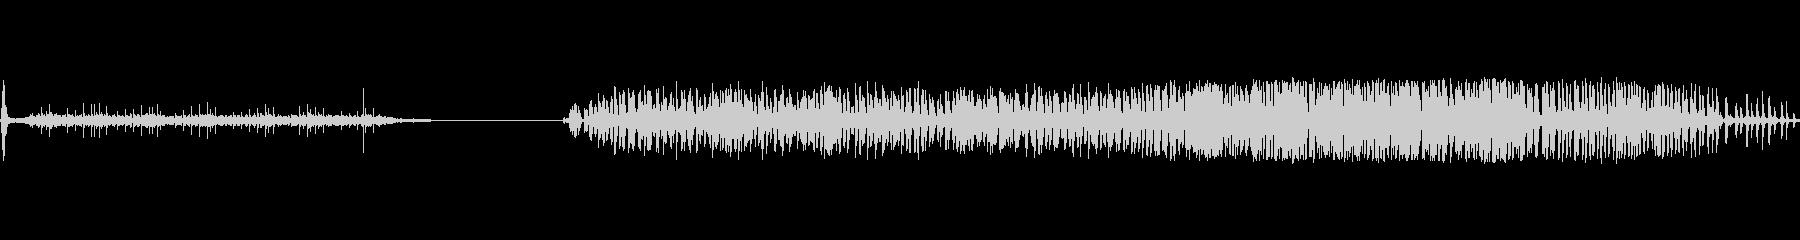 マシンペイントミキサーガラガラbの未再生の波形